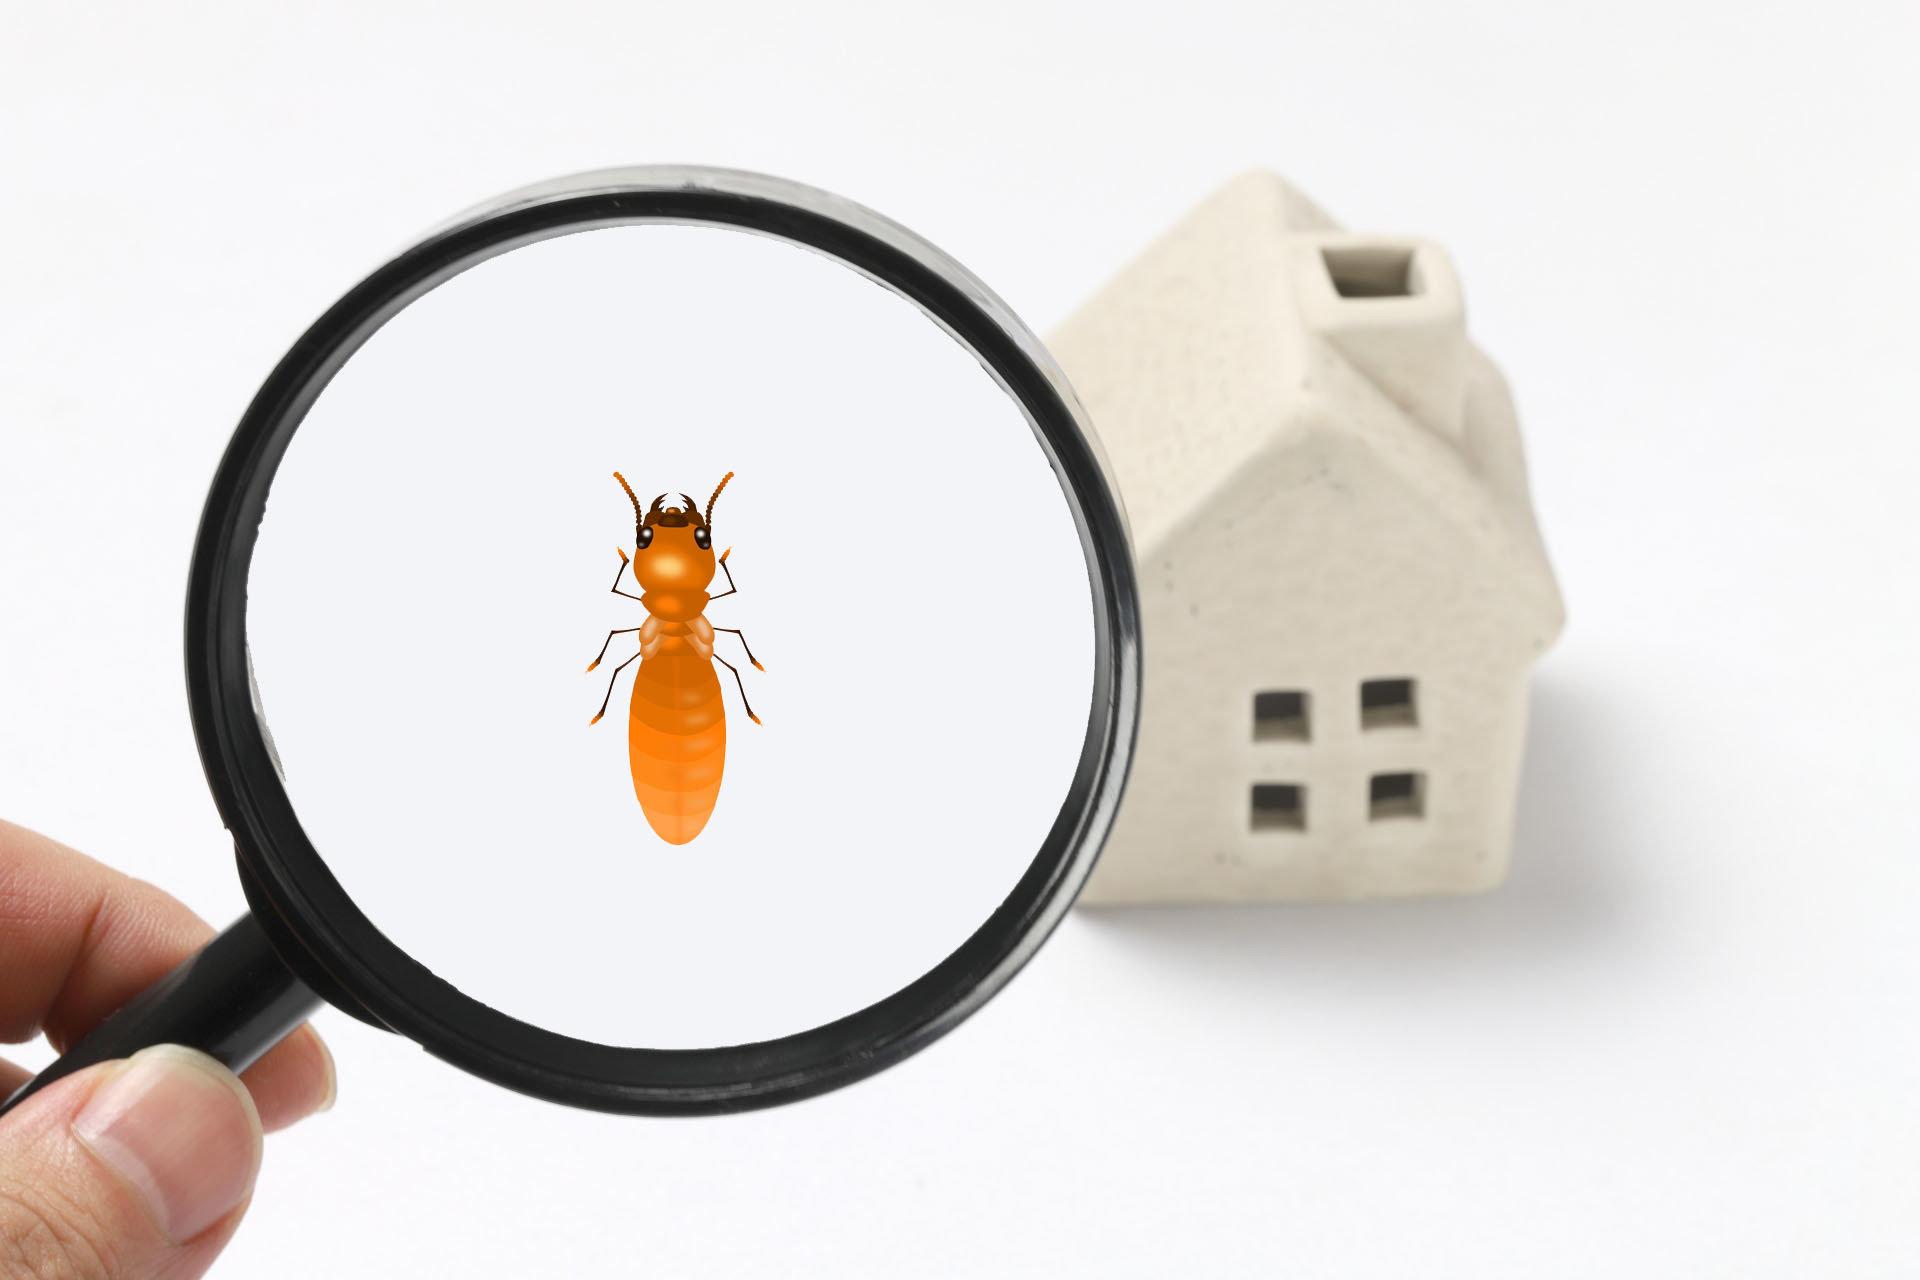 【除乾木白蟻】外來種白蟻對房屋的破壞迅速增加,有哪些預防措施 ?